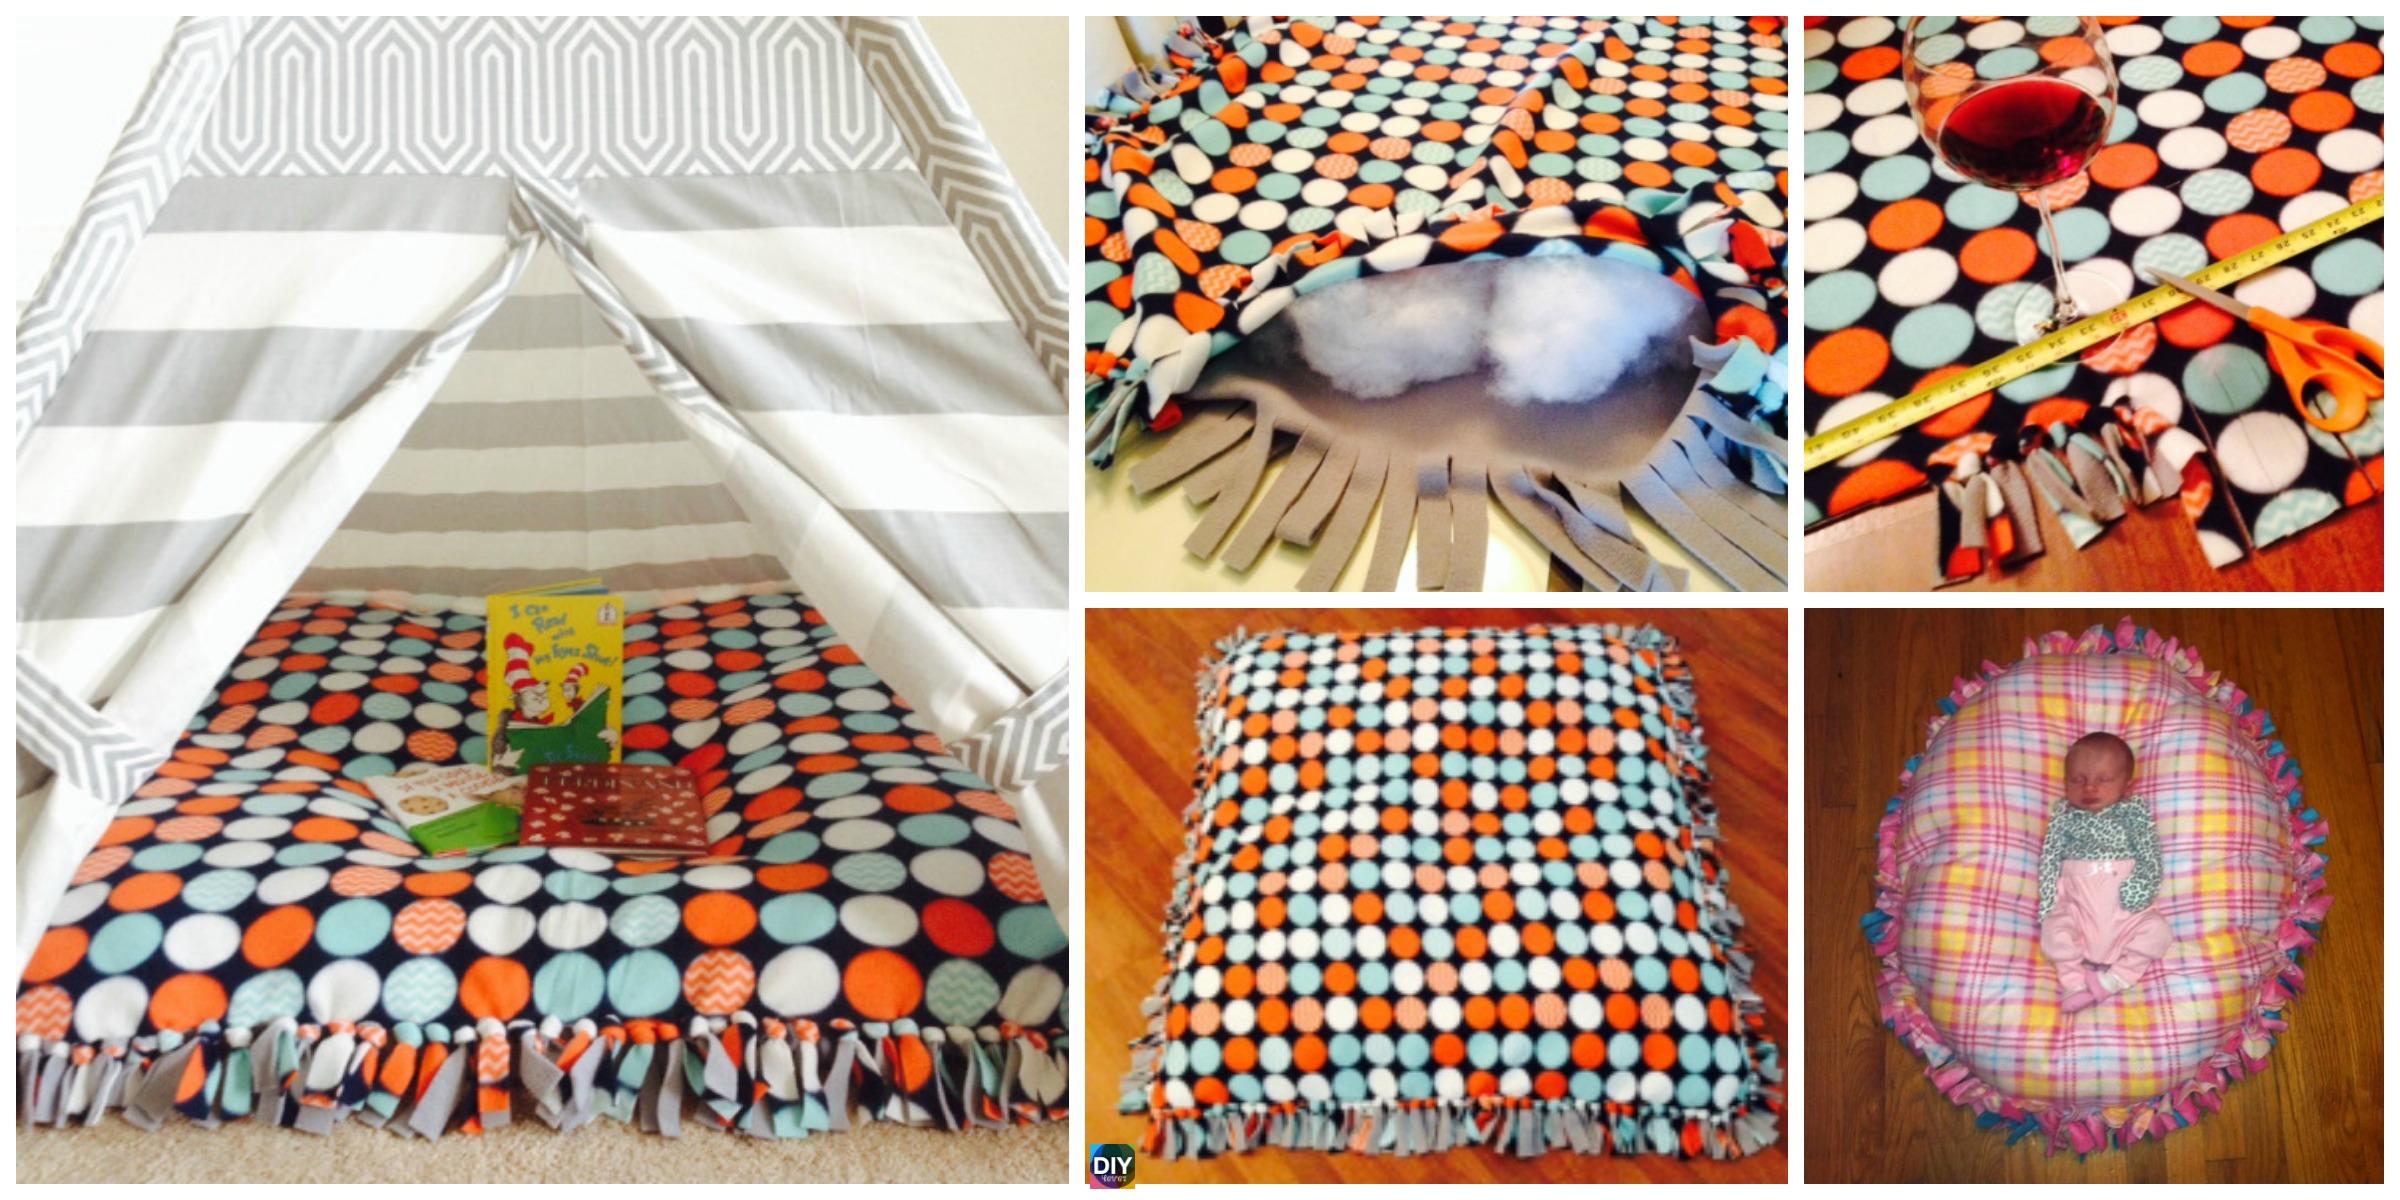 DIY Baby Floor Pillow Tutorial - No Sewing - DIY 4 EVER